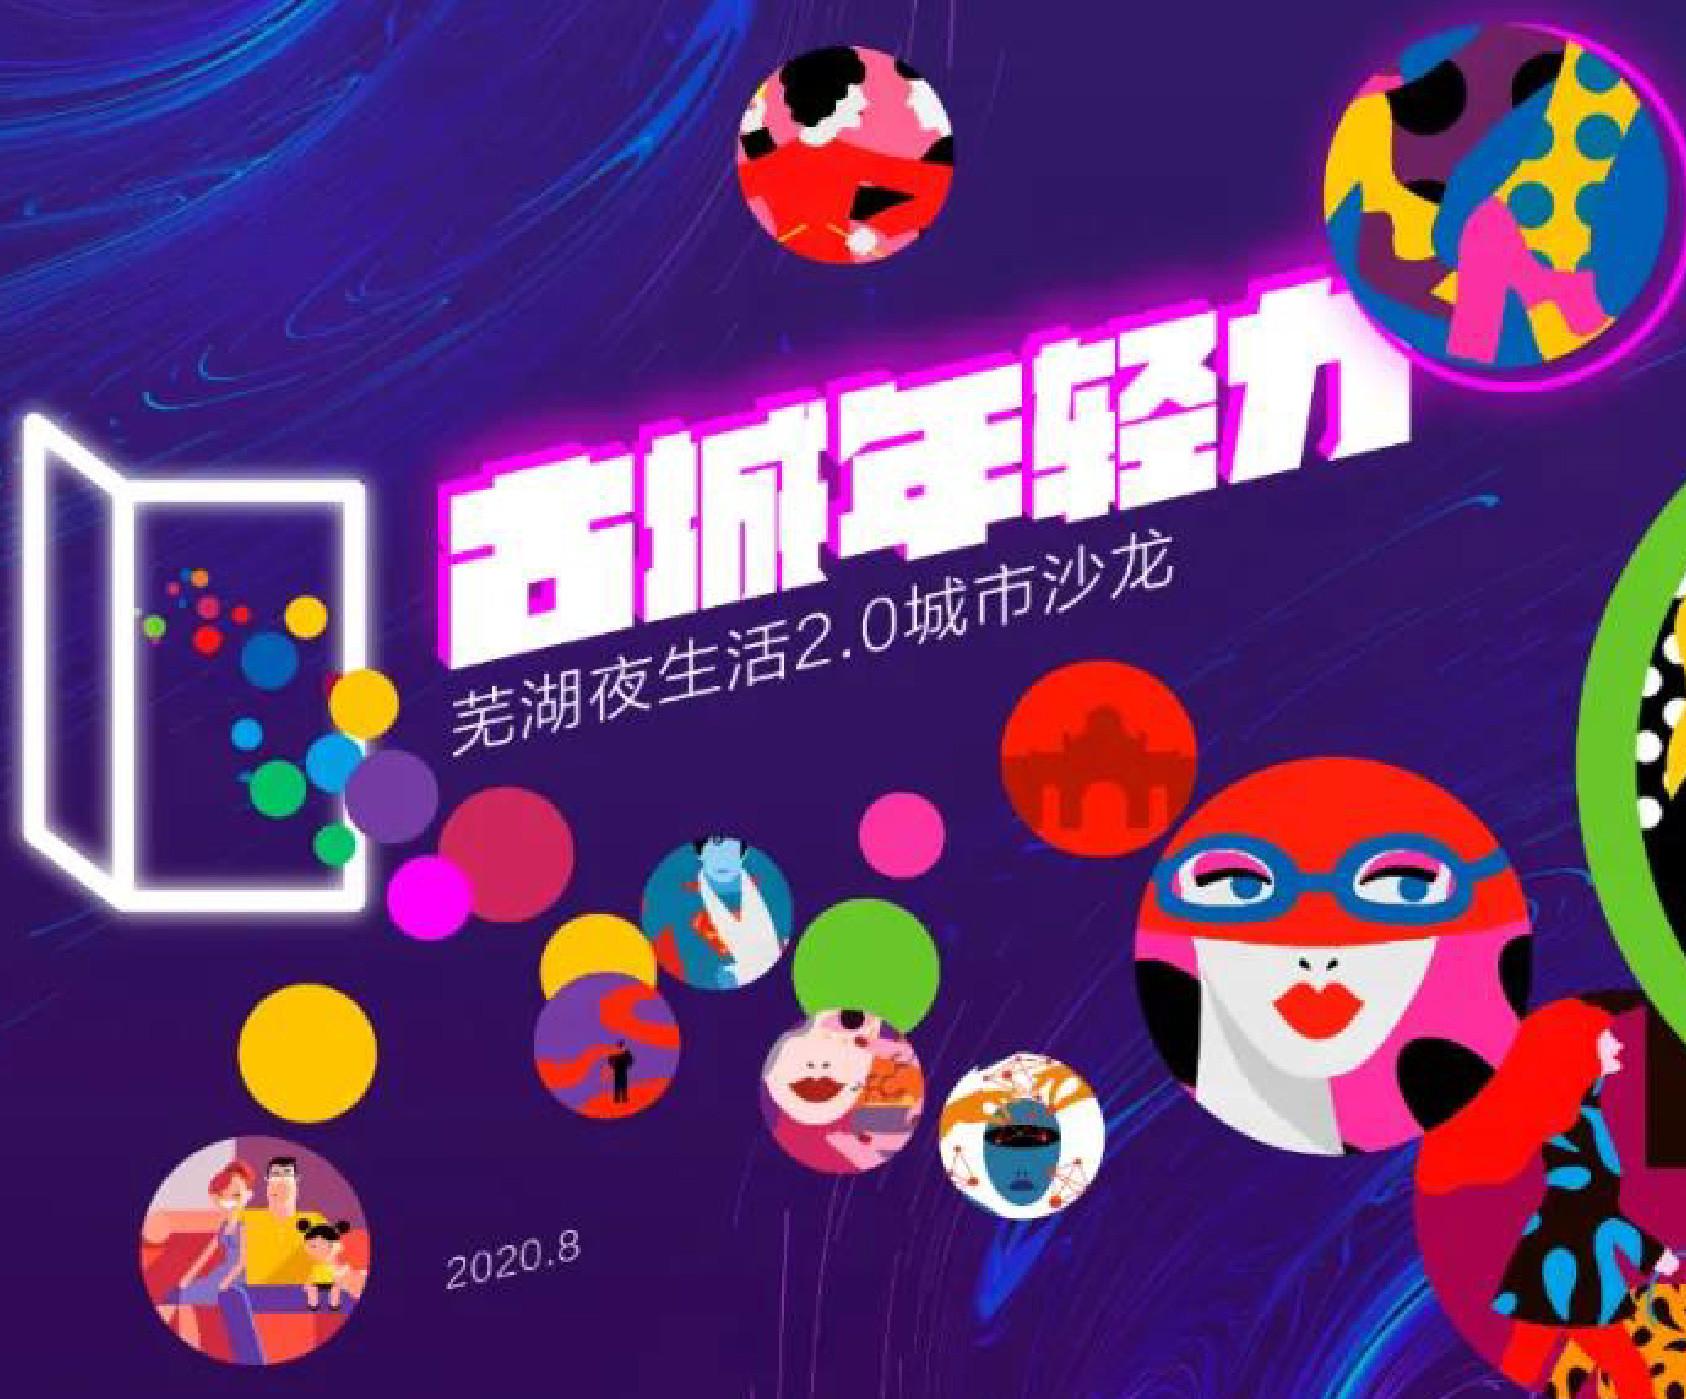 """LON项目动态—芜湖夜生活2.0城市沙龙,点亮城市新""""夜""""态!"""